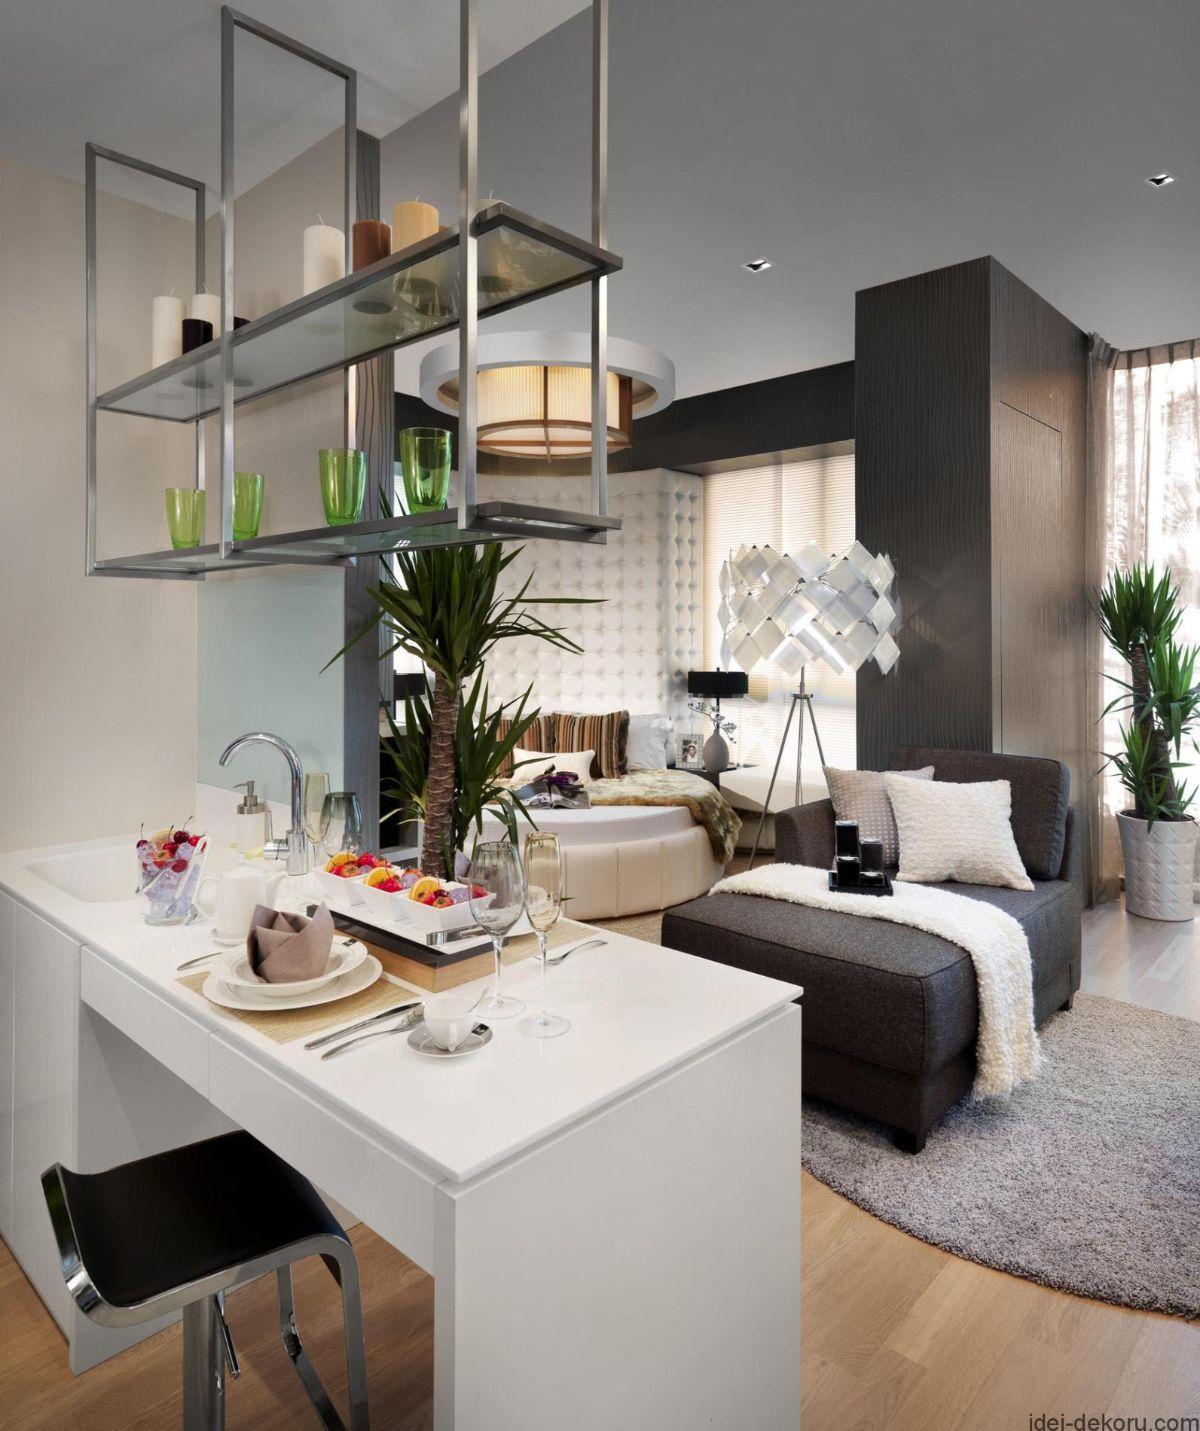 кухня гостиная дизайн интерьера в квартире